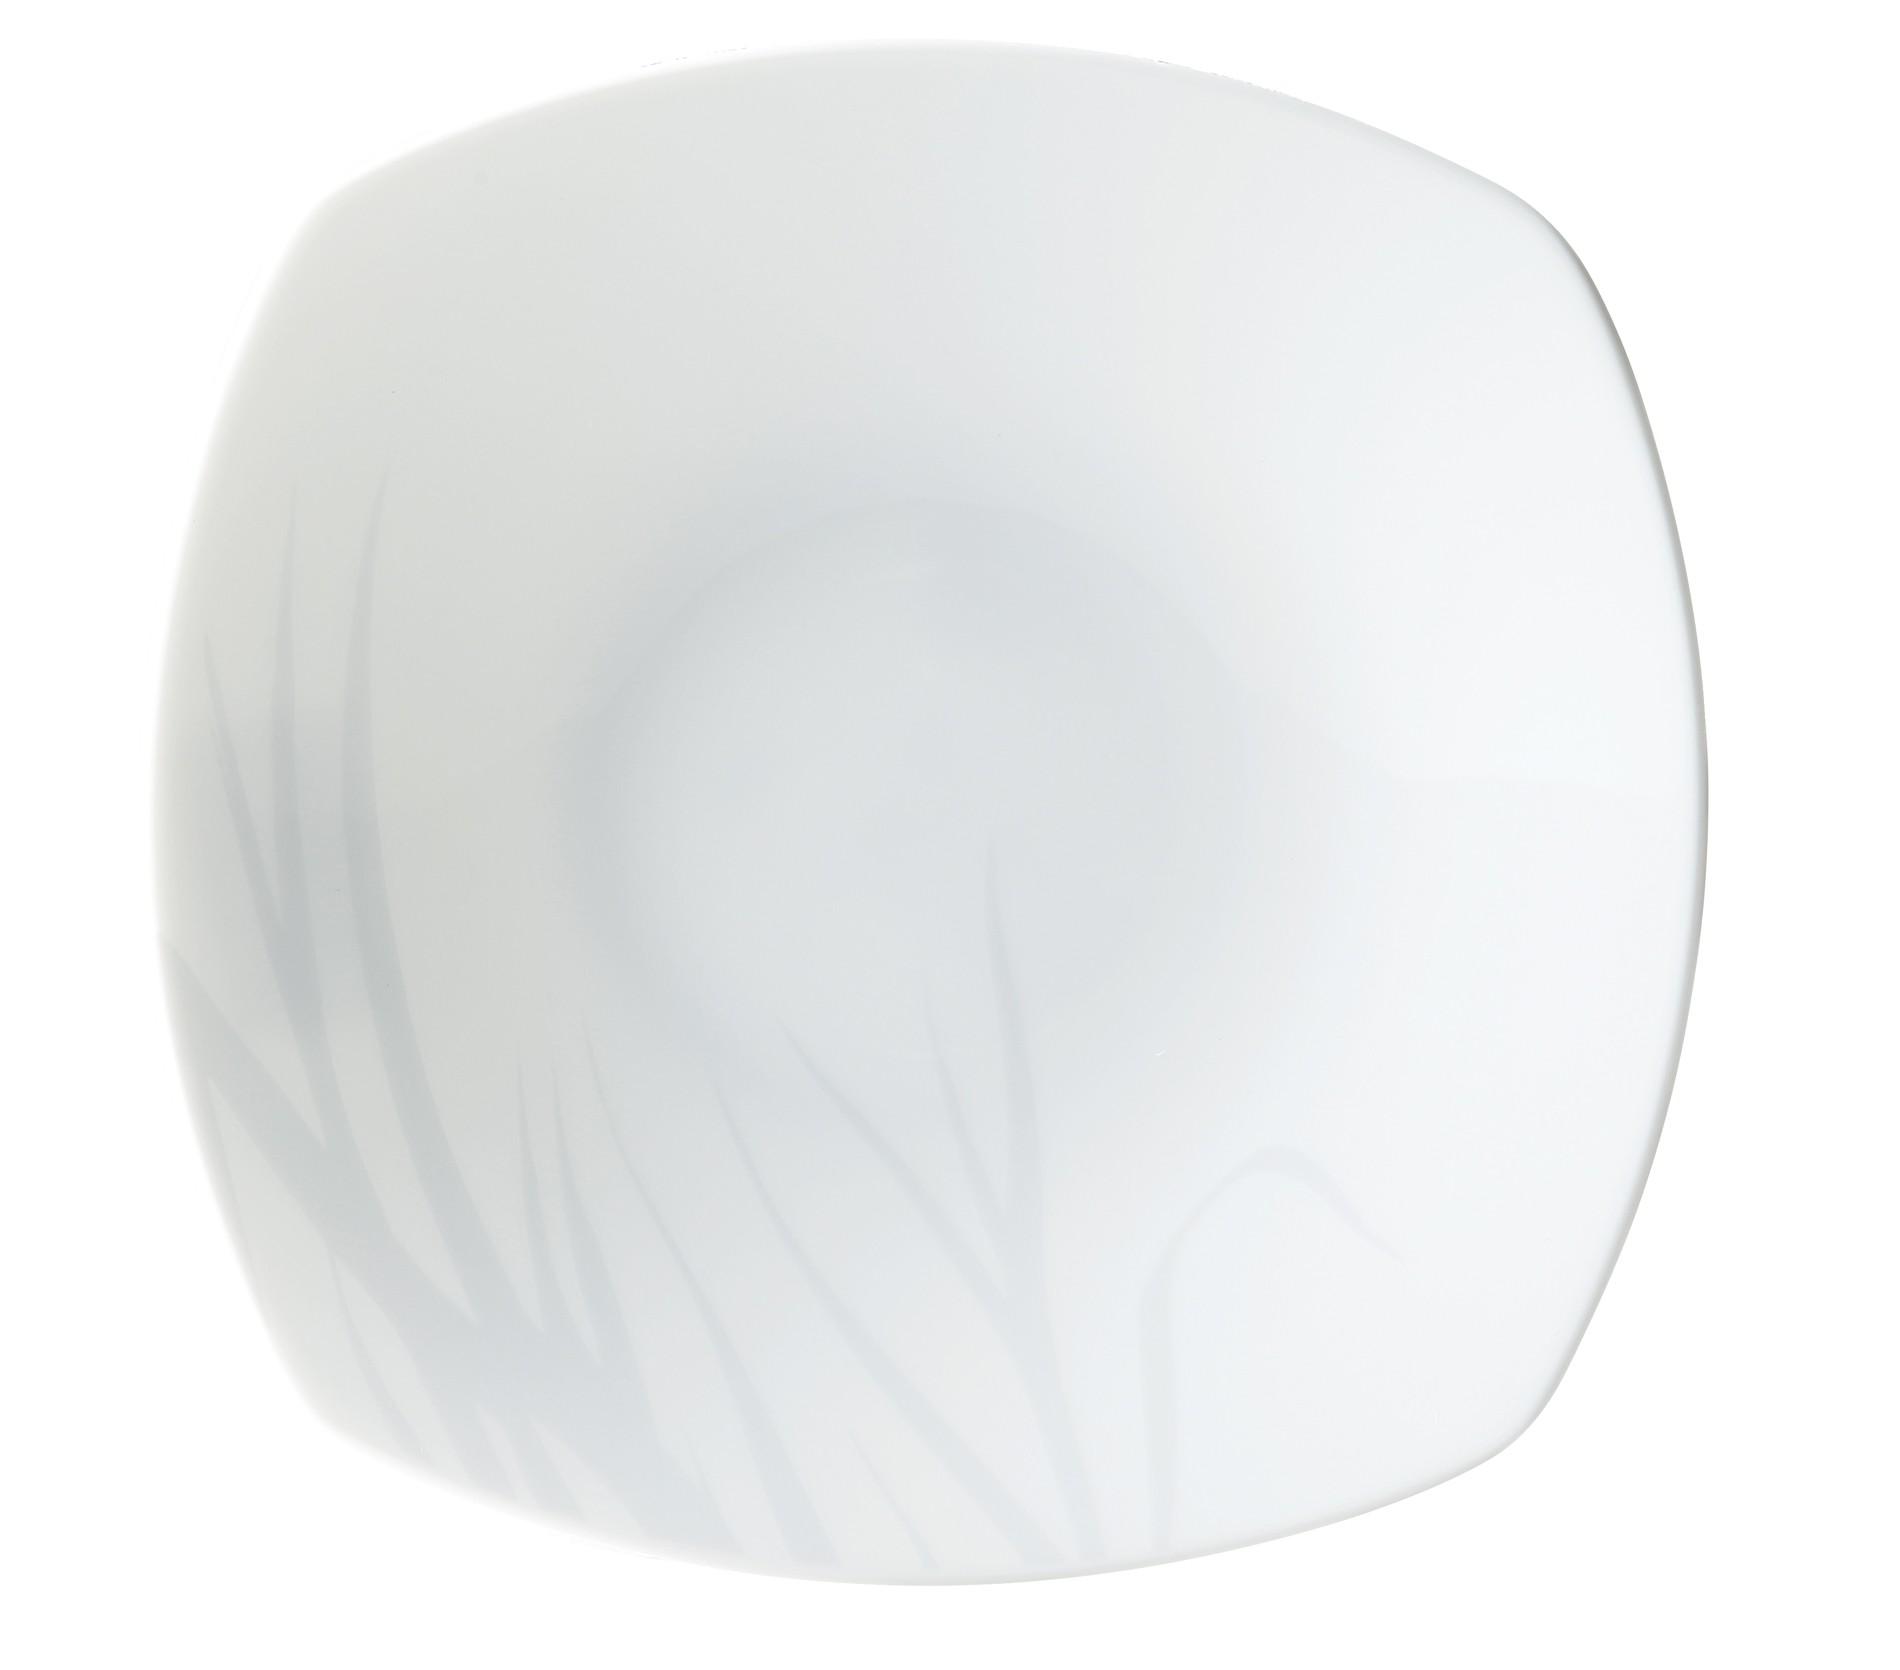 Πιάτο Βαθύ Τετράγωνο Σετ 6Τμχ Honora 23cm Ionia home   ειδη σερβιρισματος   πιάτα